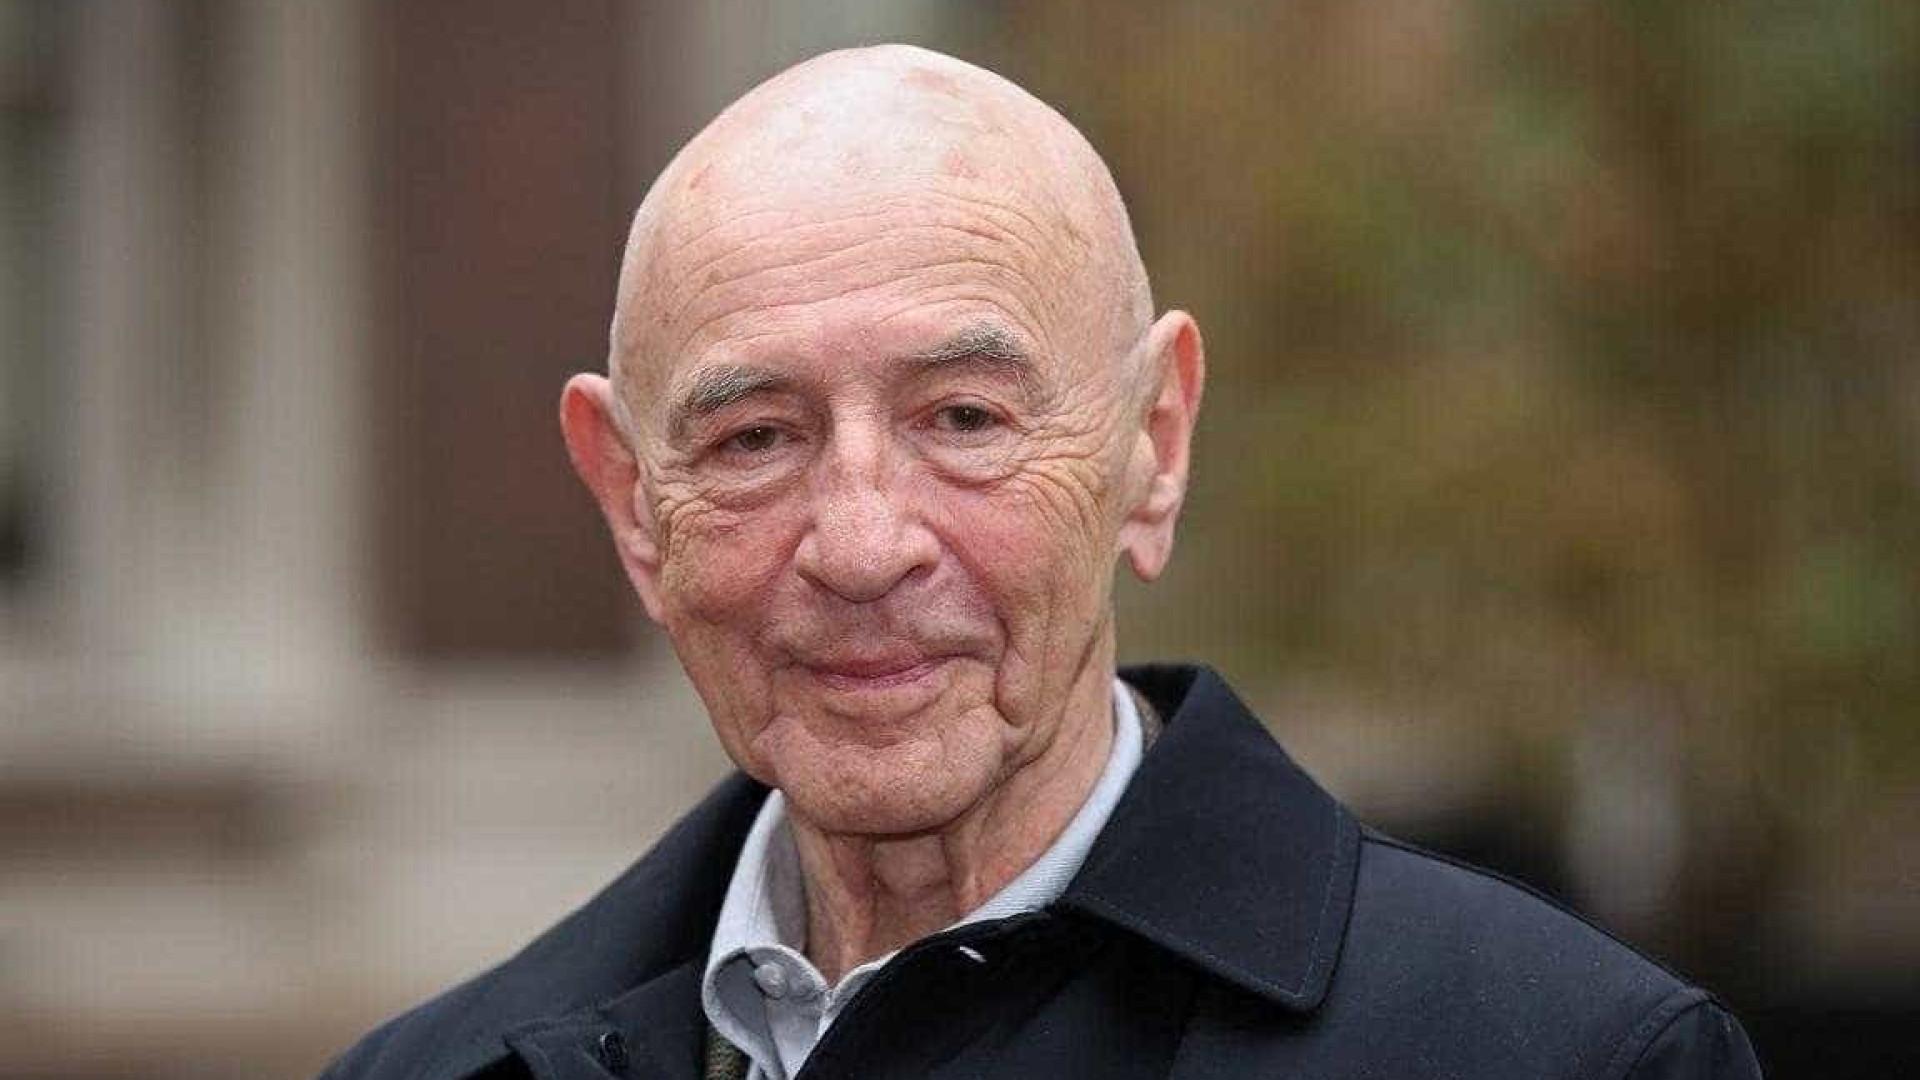 Morre o psicólogo Walter Mischel, criador do experimento do marshmallow